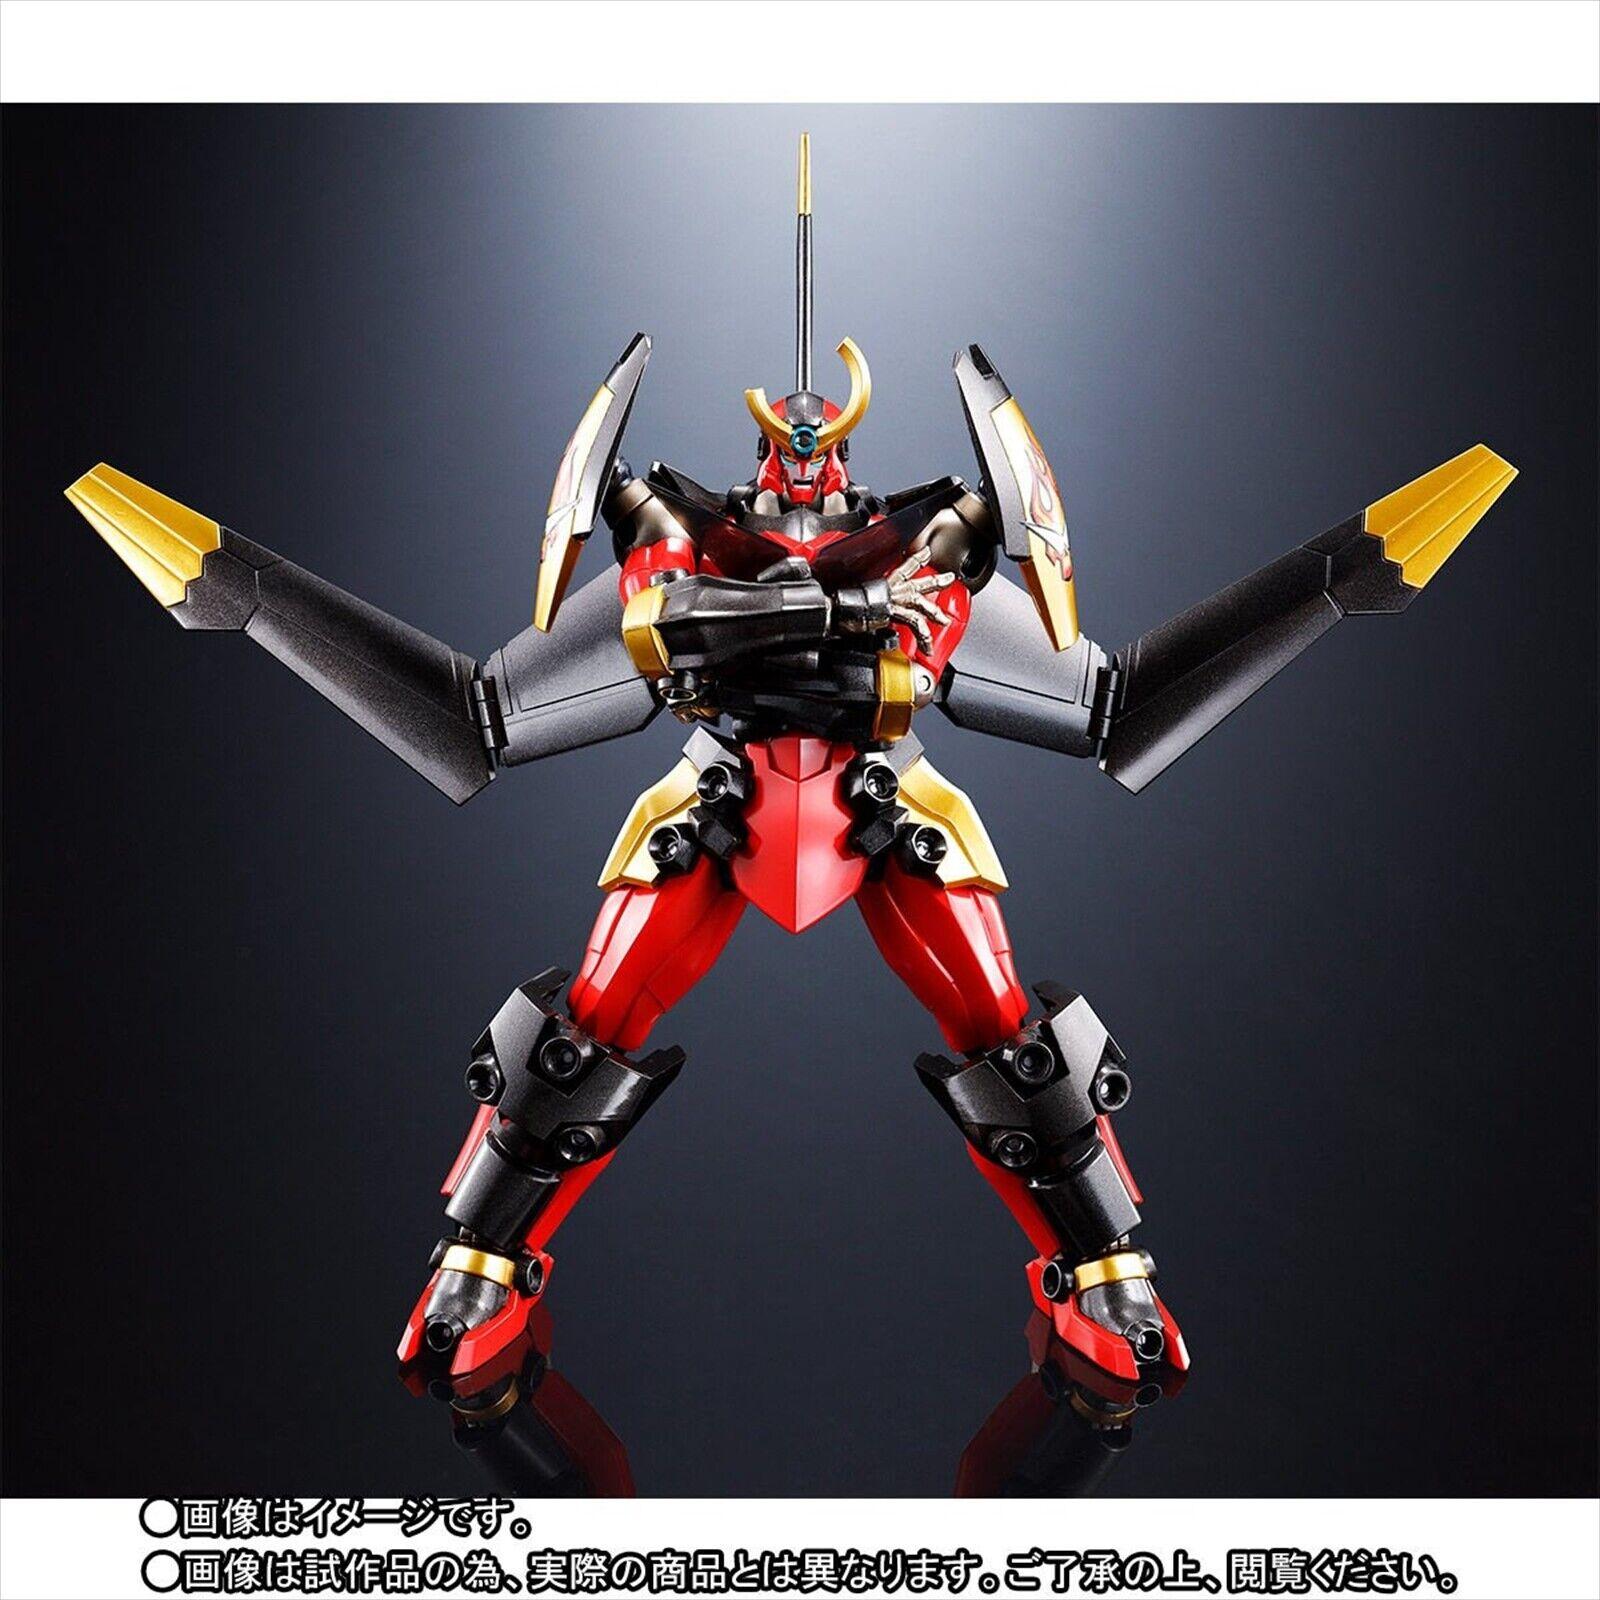 Bandai súper Robot Chogokin Gurren Lagann Set Figura De Acción 10th Anniversary